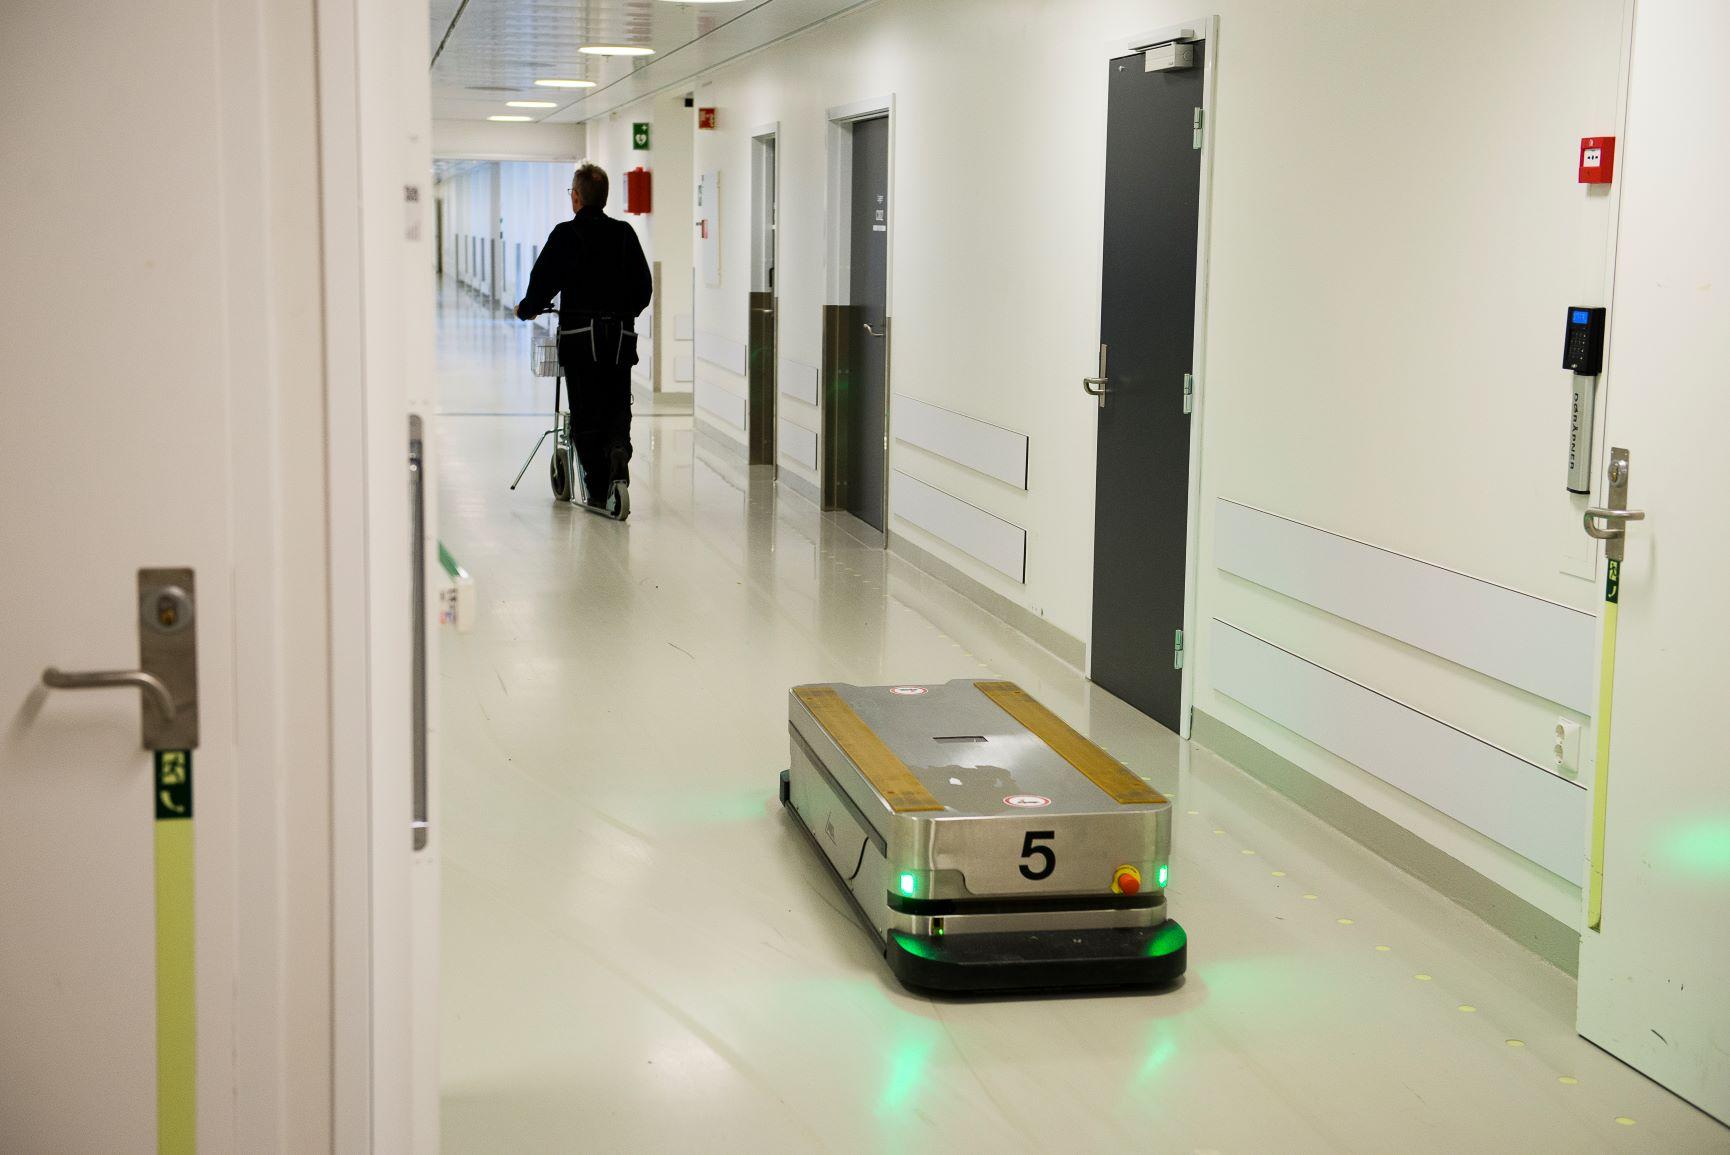 Sykehusorganisering bør ta utgangspunkt i behovene der tjenestene utformes, i møtene mellom sykehusenhetene og pasientene - Christian Grimsgaard - helseforetak - Samfunn og økonomi 2/2021 - utkast til ny organisering av sykehusene